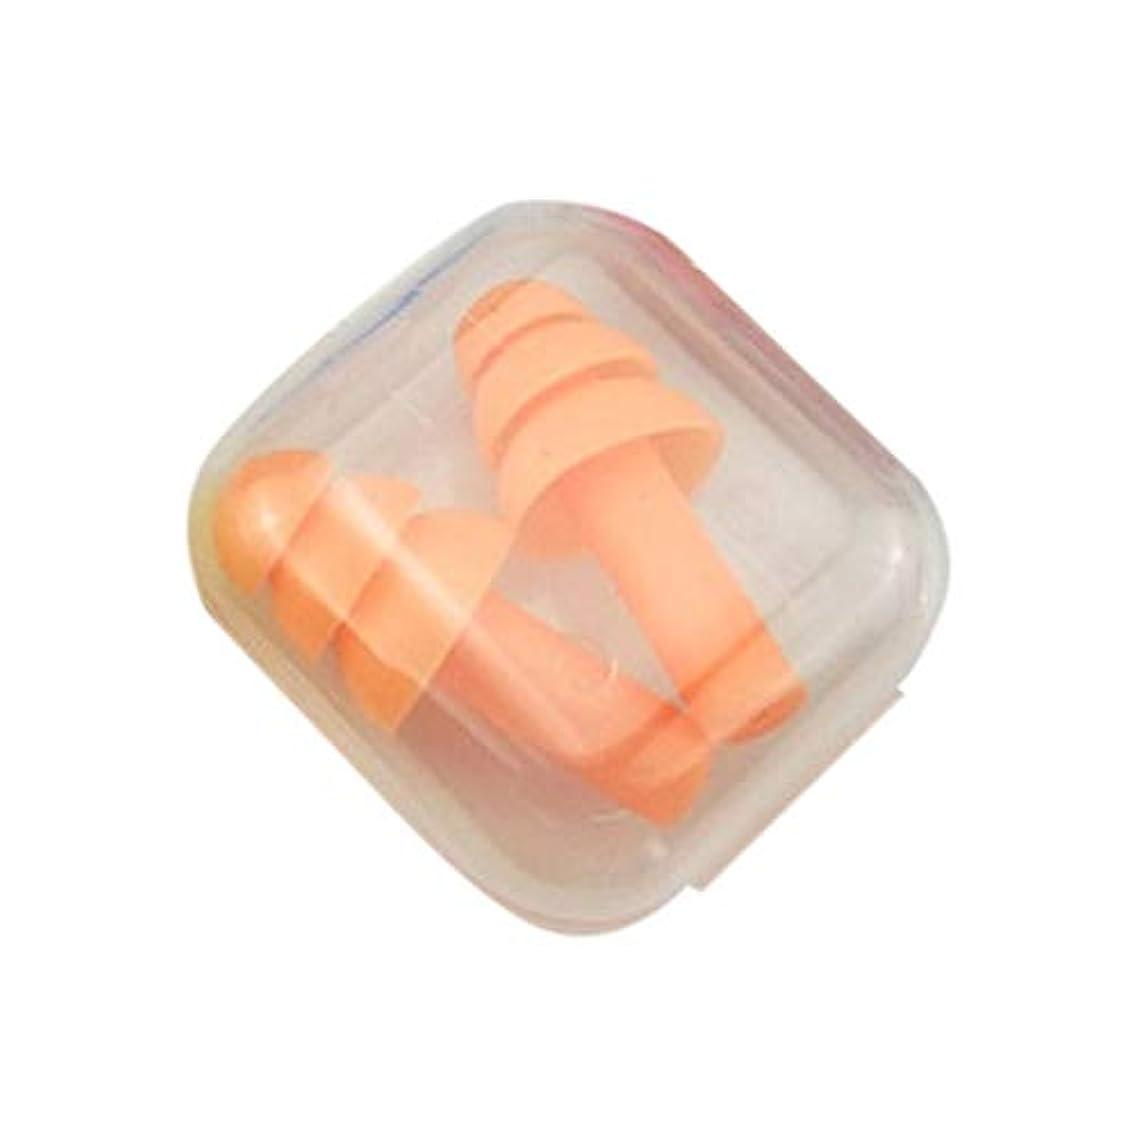 プロトタイプメッシュはっきりしない柔らかいシリコーンの耳栓遮音用耳の保護用の耳栓防音睡眠ボックス付き収納ボックス - オレンジ